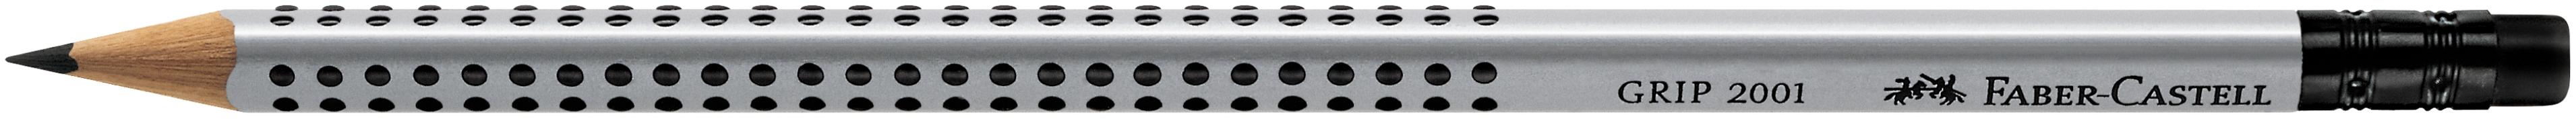 Faber-Castell Bleistift GRIP 2001 - B, mit Radierer, silbergrau